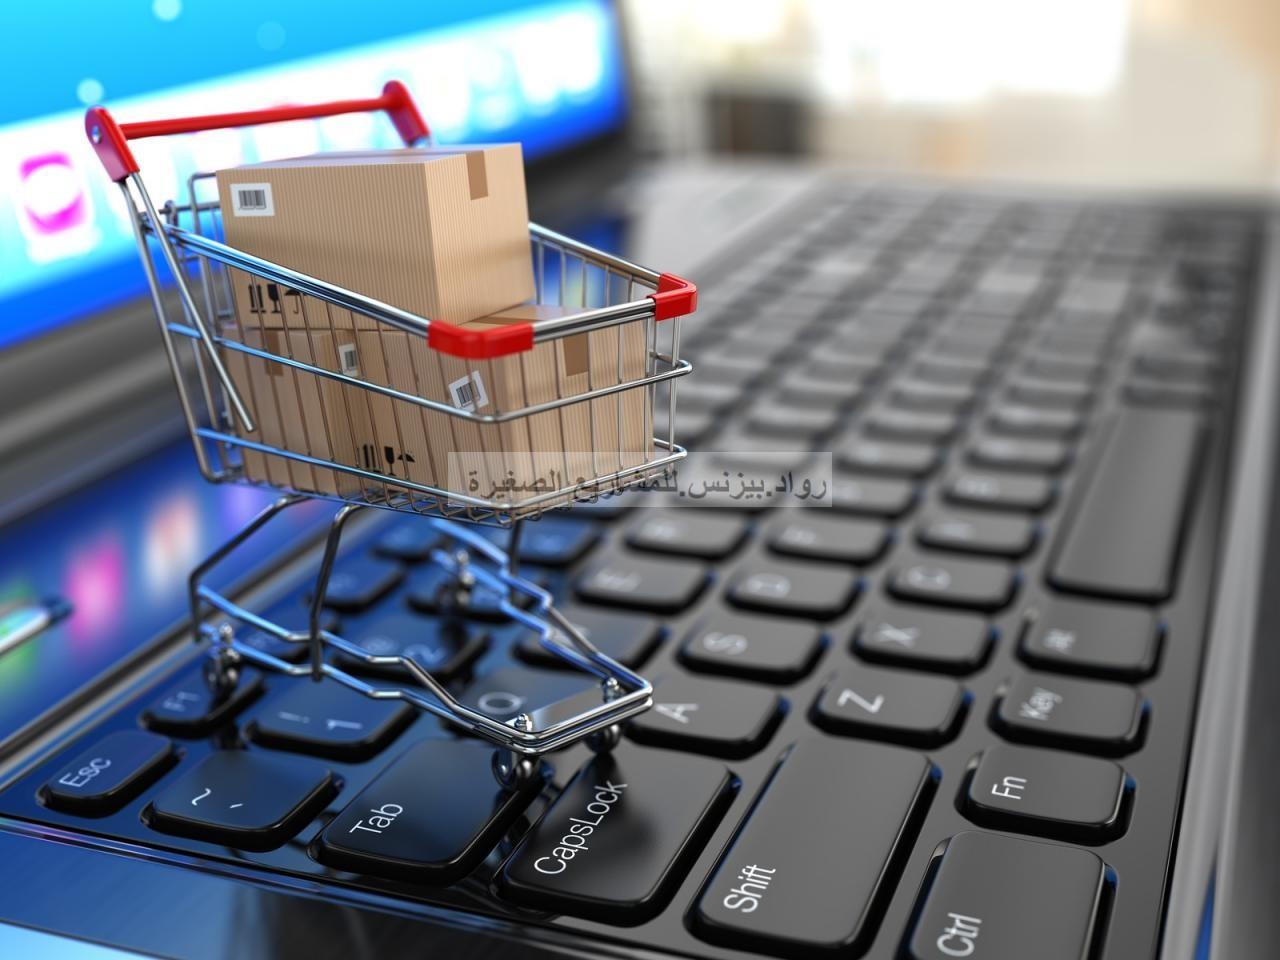 كيف تبدأ في مجال الدروبشيبينغ دليلك الكامل لبدء Drop Shipping